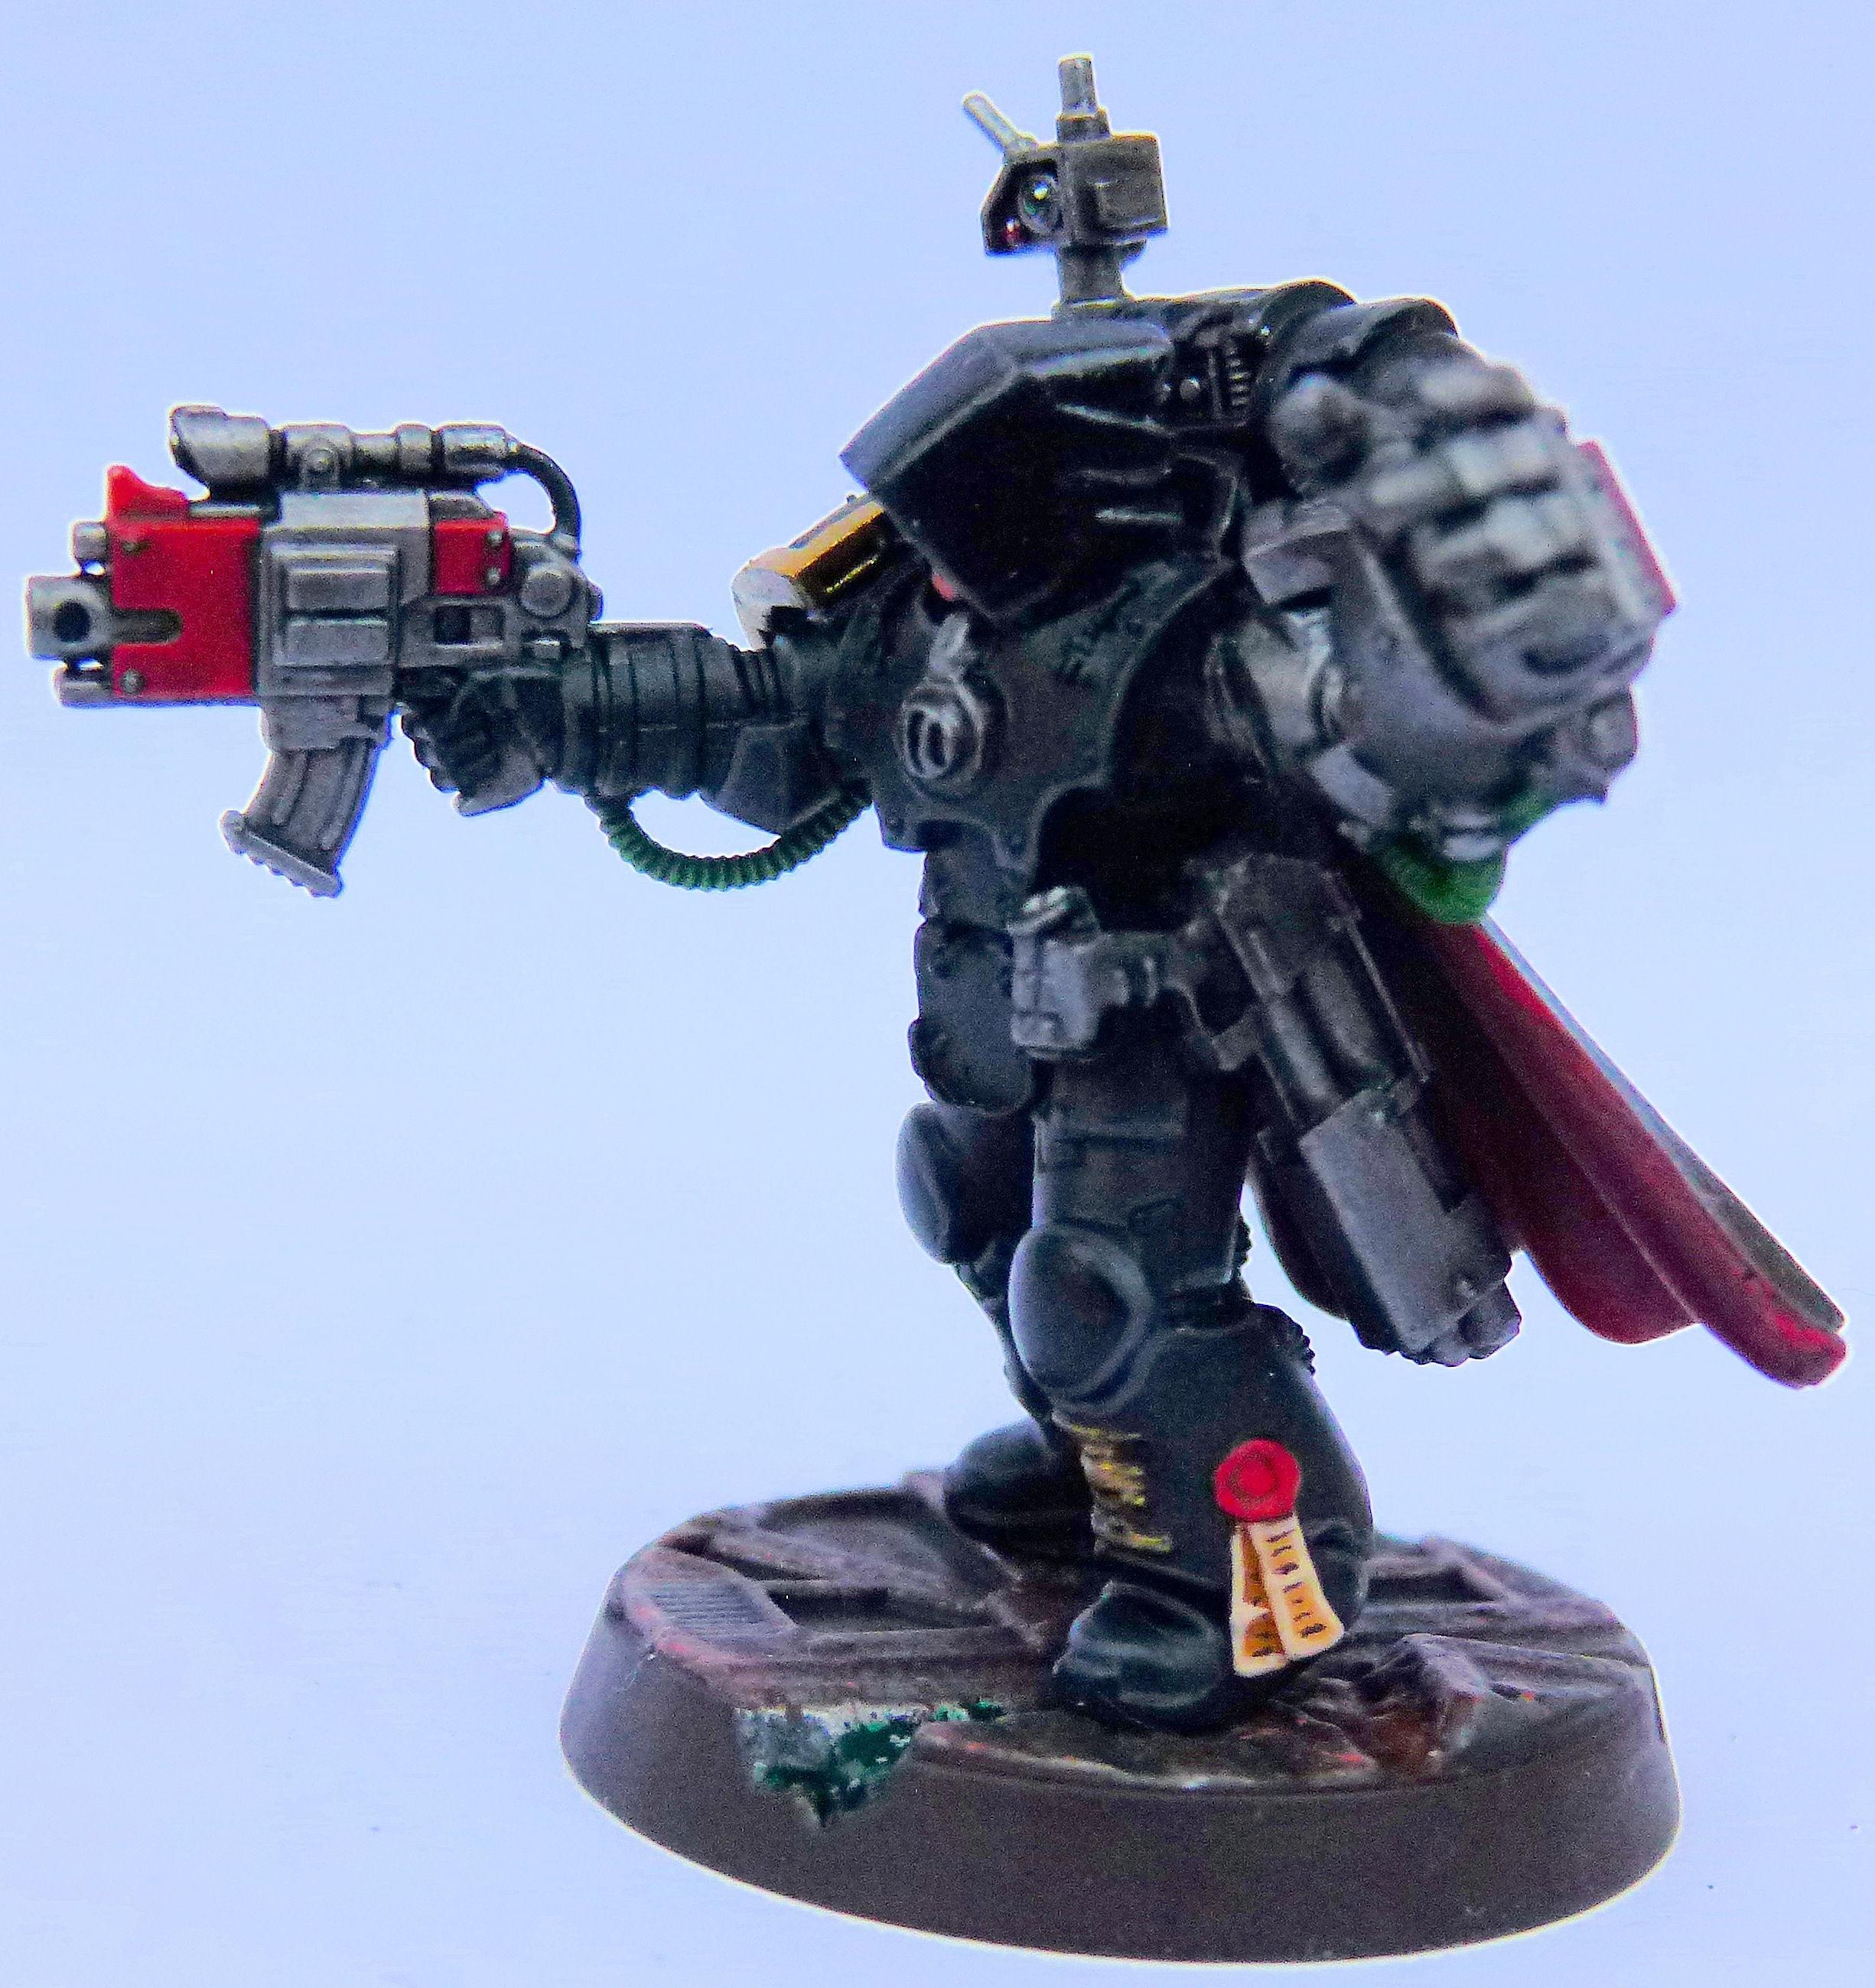 Deathguard Blackshield Deathwatch Side 2